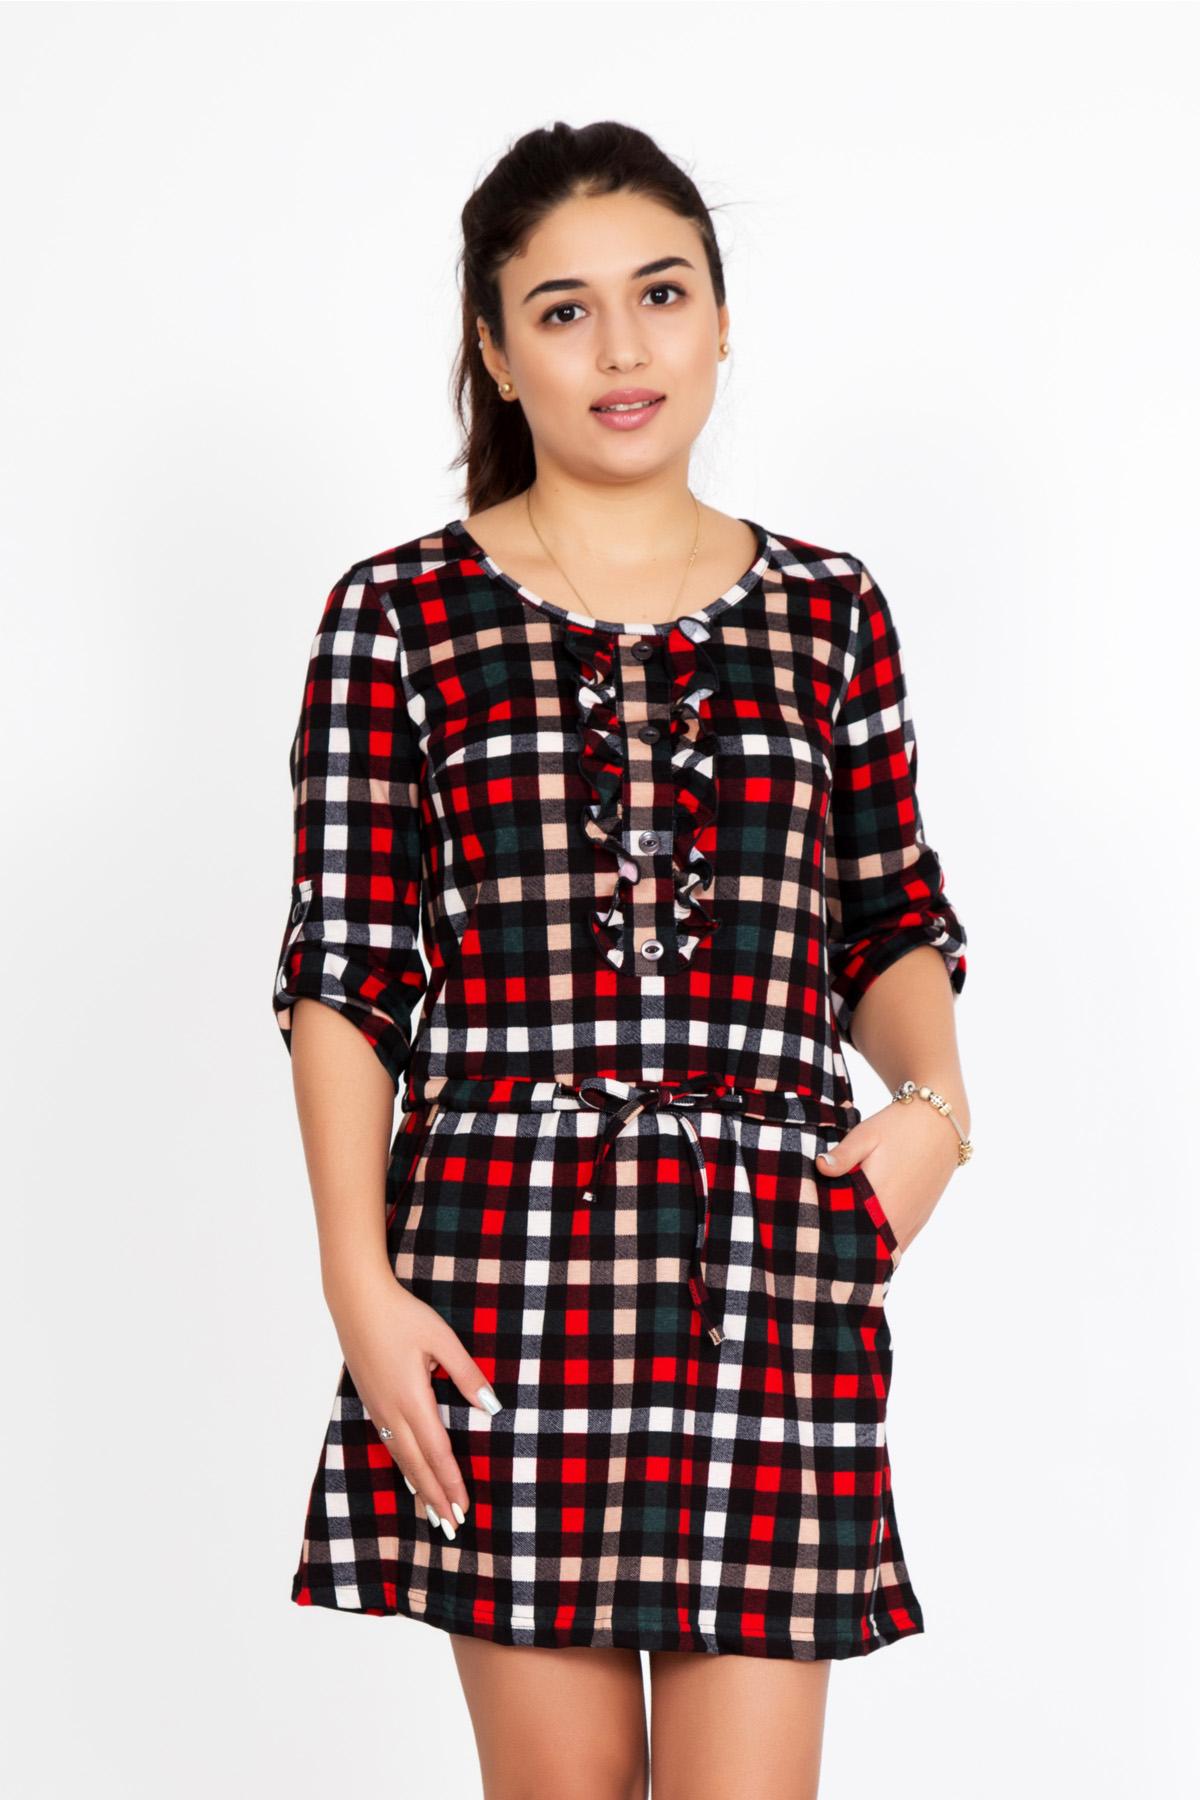 Жен. туника Шарлота Красный р. 44Распродажа женской одежды<br>Обхват груди: 88 см <br>Обхват талии: 68 см <br>Обхват бедер: 96 см <br>Длина по спинке: 81 см <br>Рост: 167 см<br><br>Тип: Жен. туника<br>Размер: 44<br>Материал: Кулирка